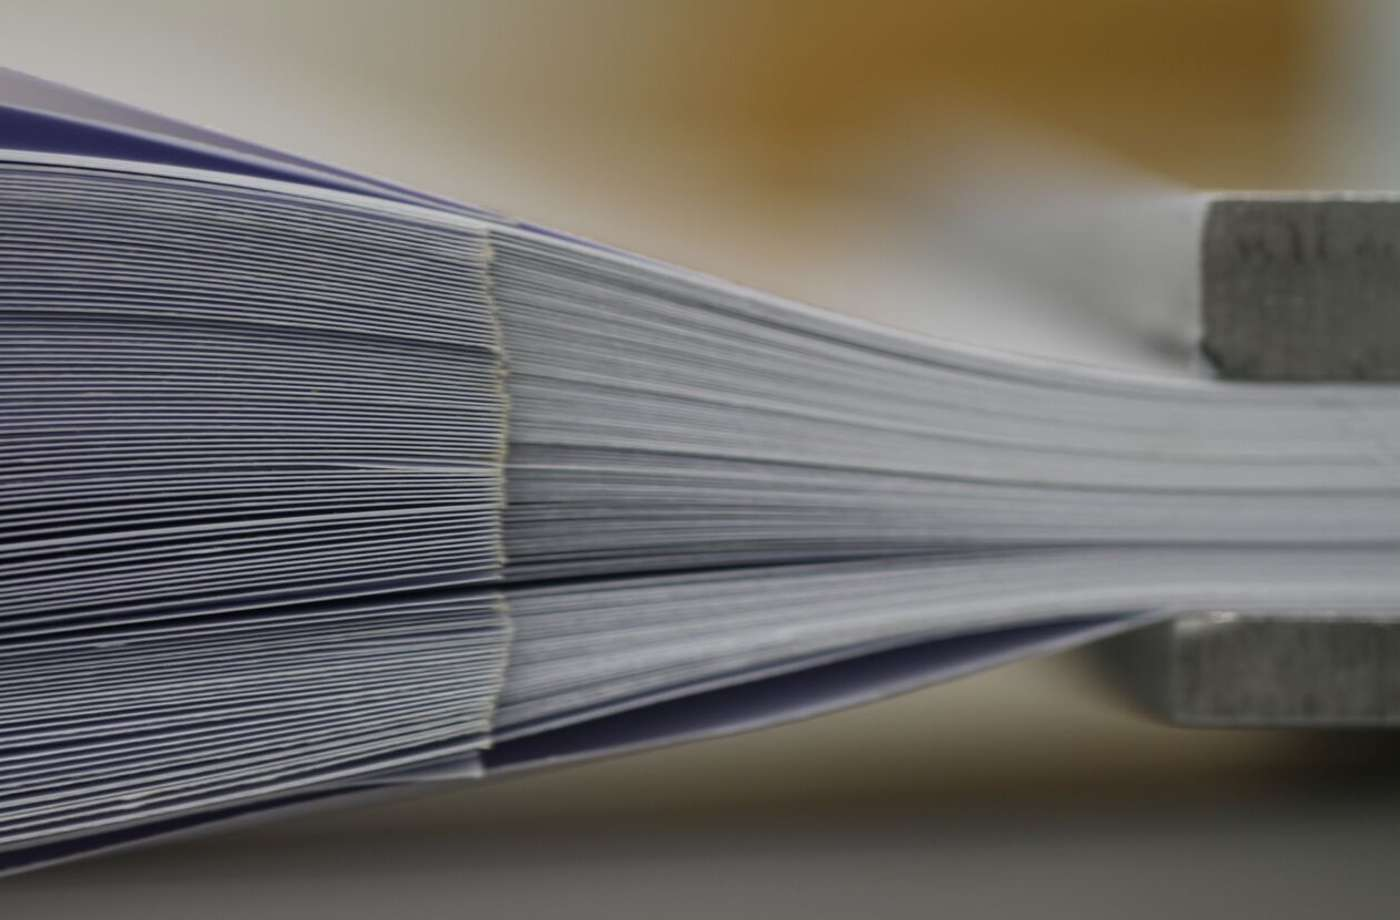 Gros plan des pages imbriquées. À droite de l'image, on distingue les mords qui serrent les pages. © Frédéric Restagno, Christophe Poulard